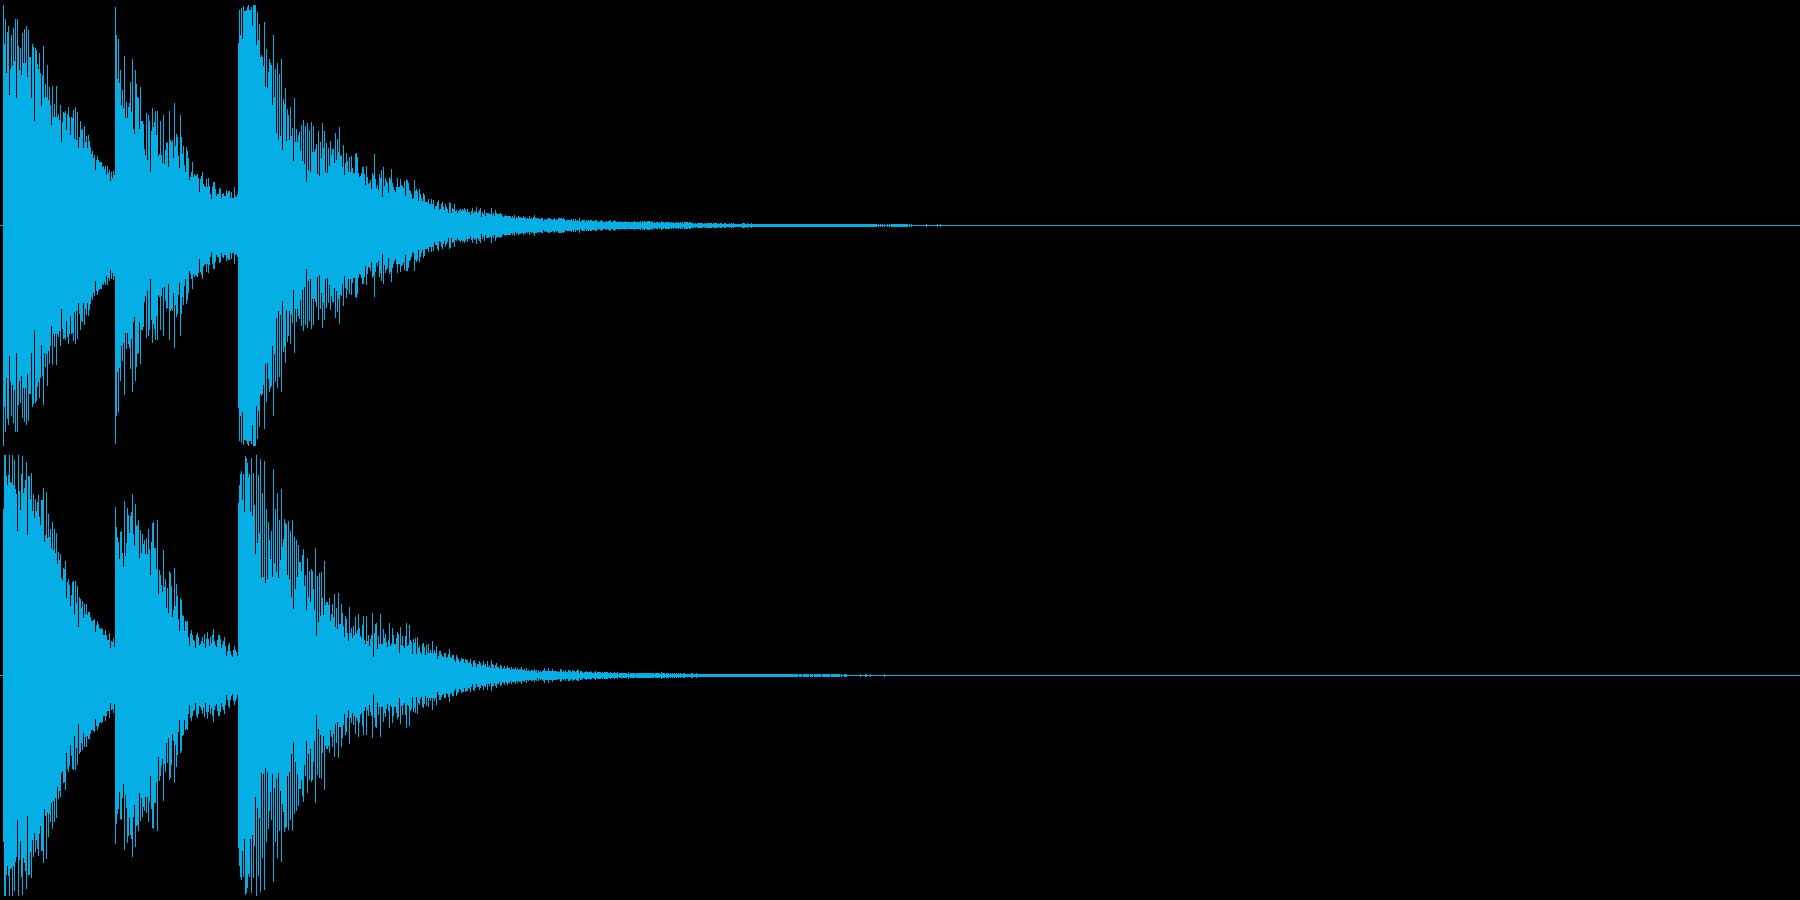 シンプルなゲームクリア音 3音 場面転換の再生済みの波形